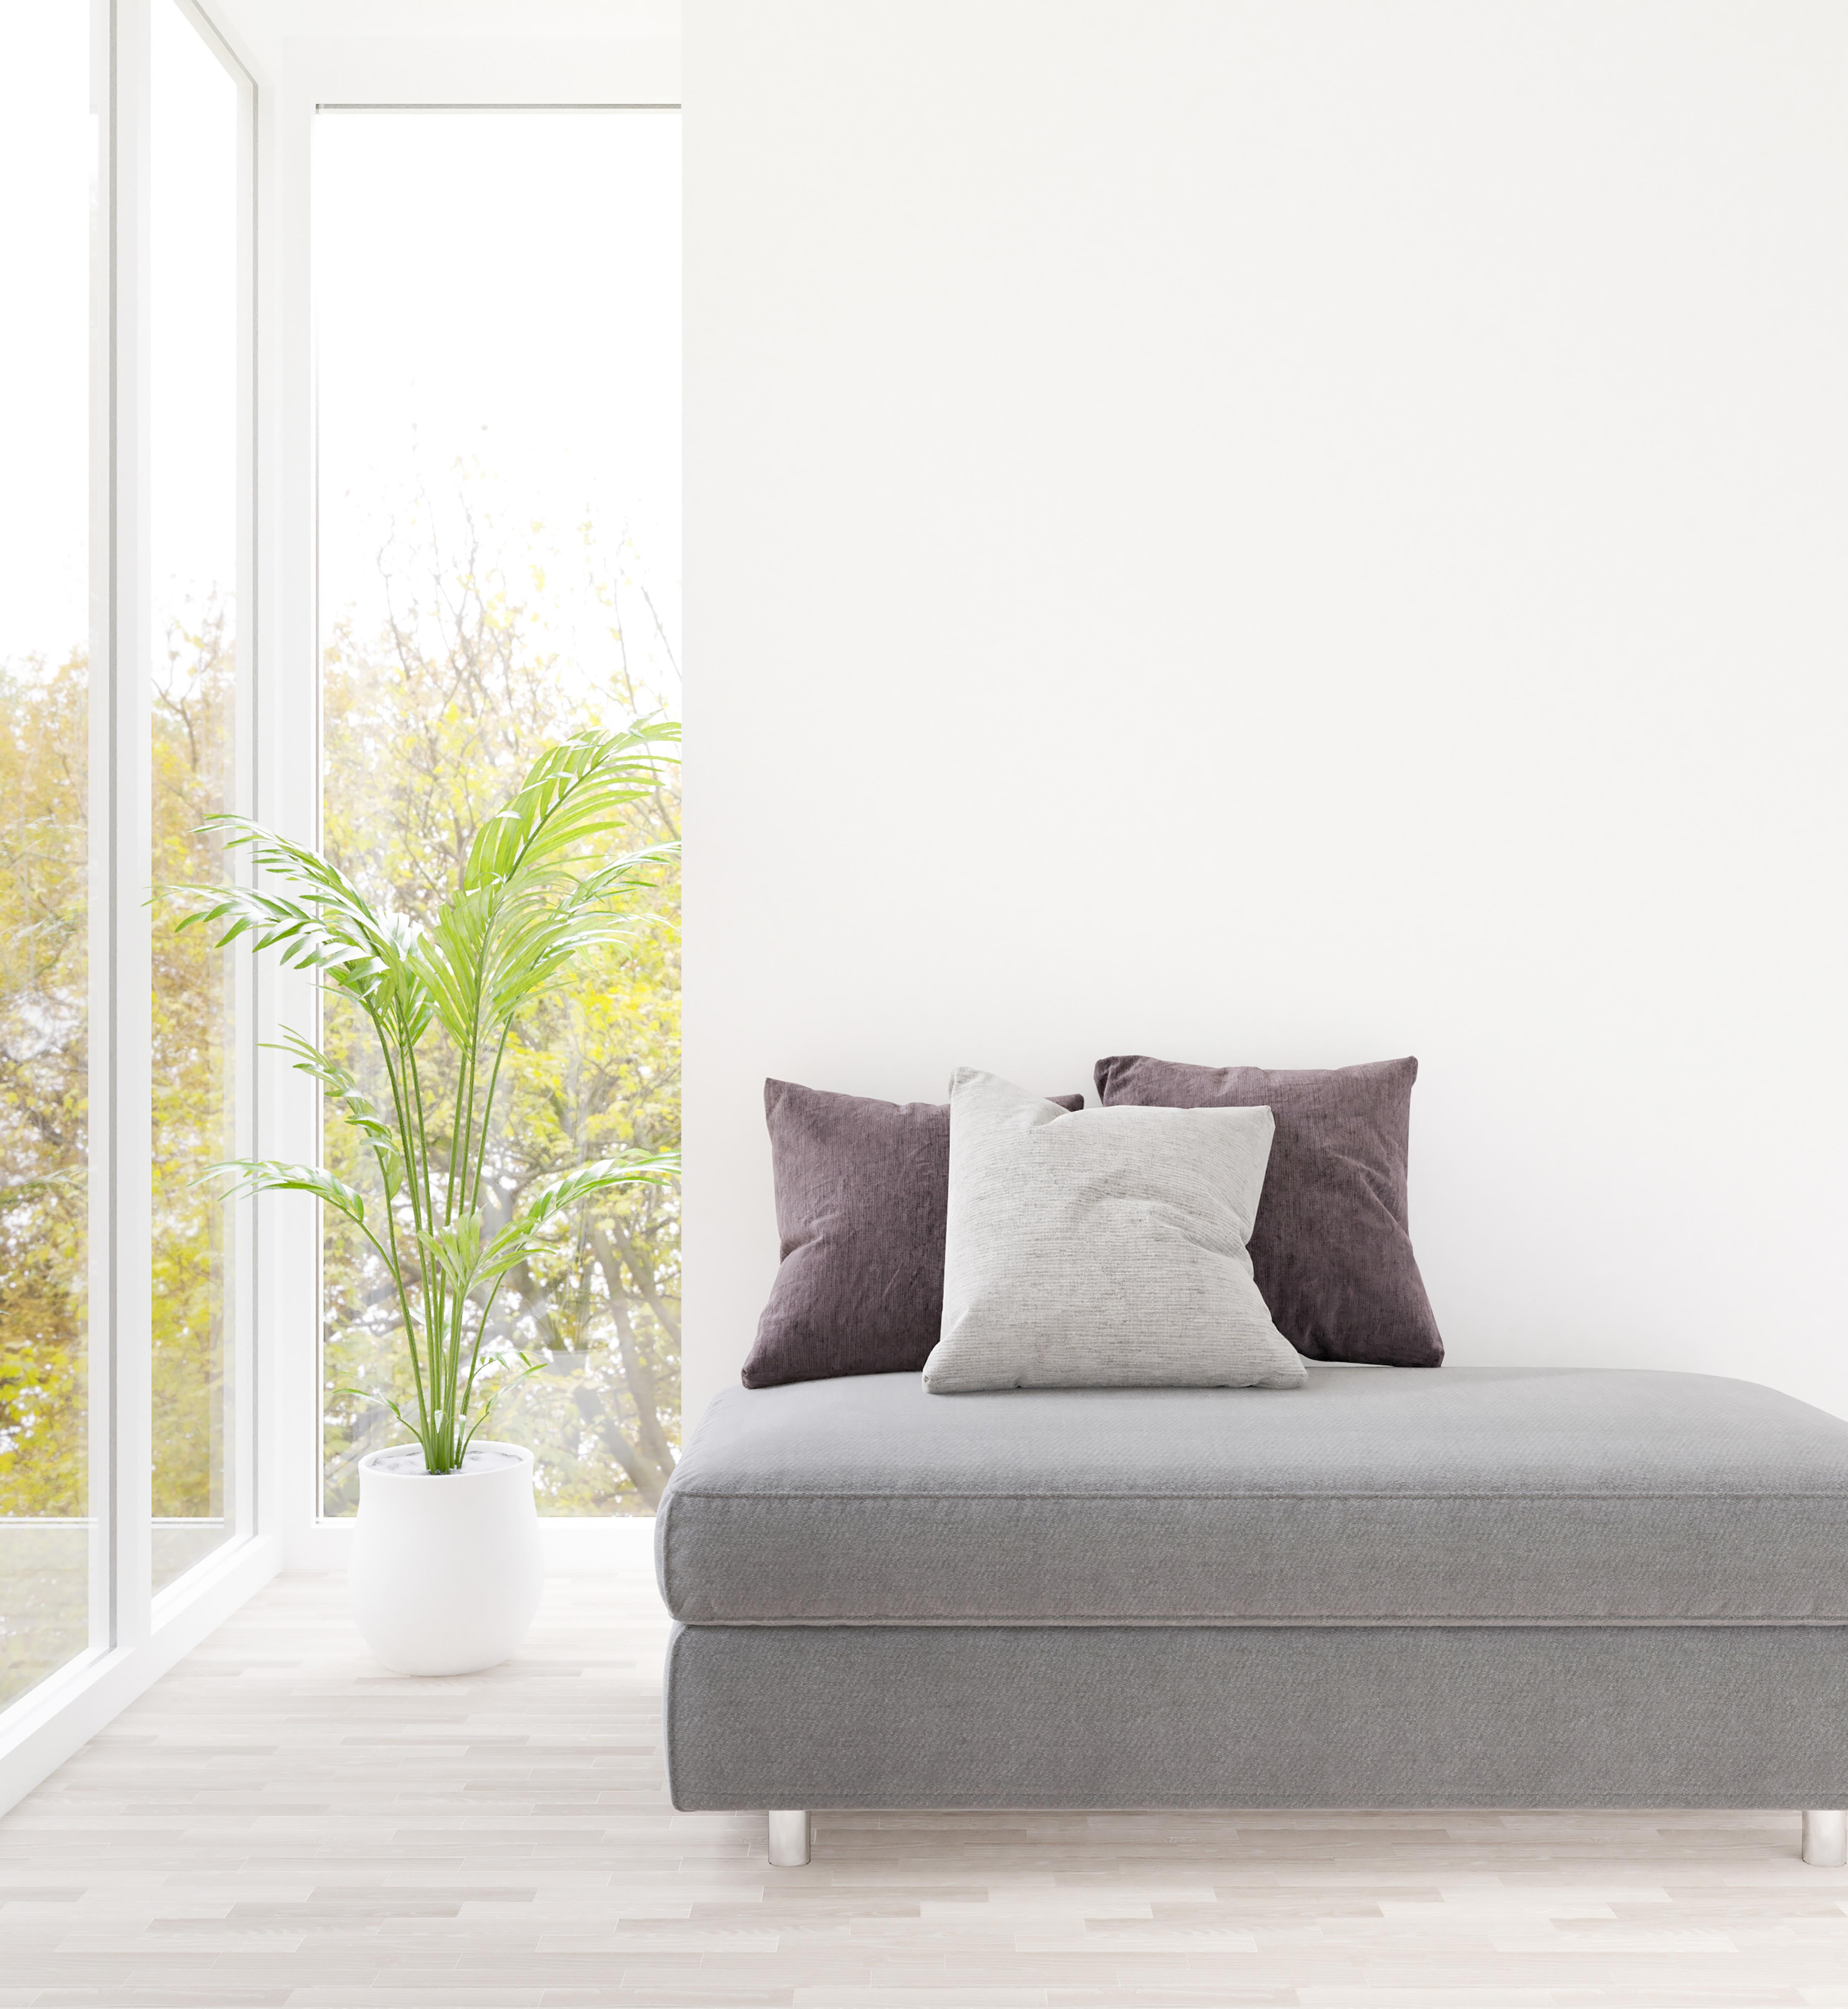 Digital 3D render of white living room